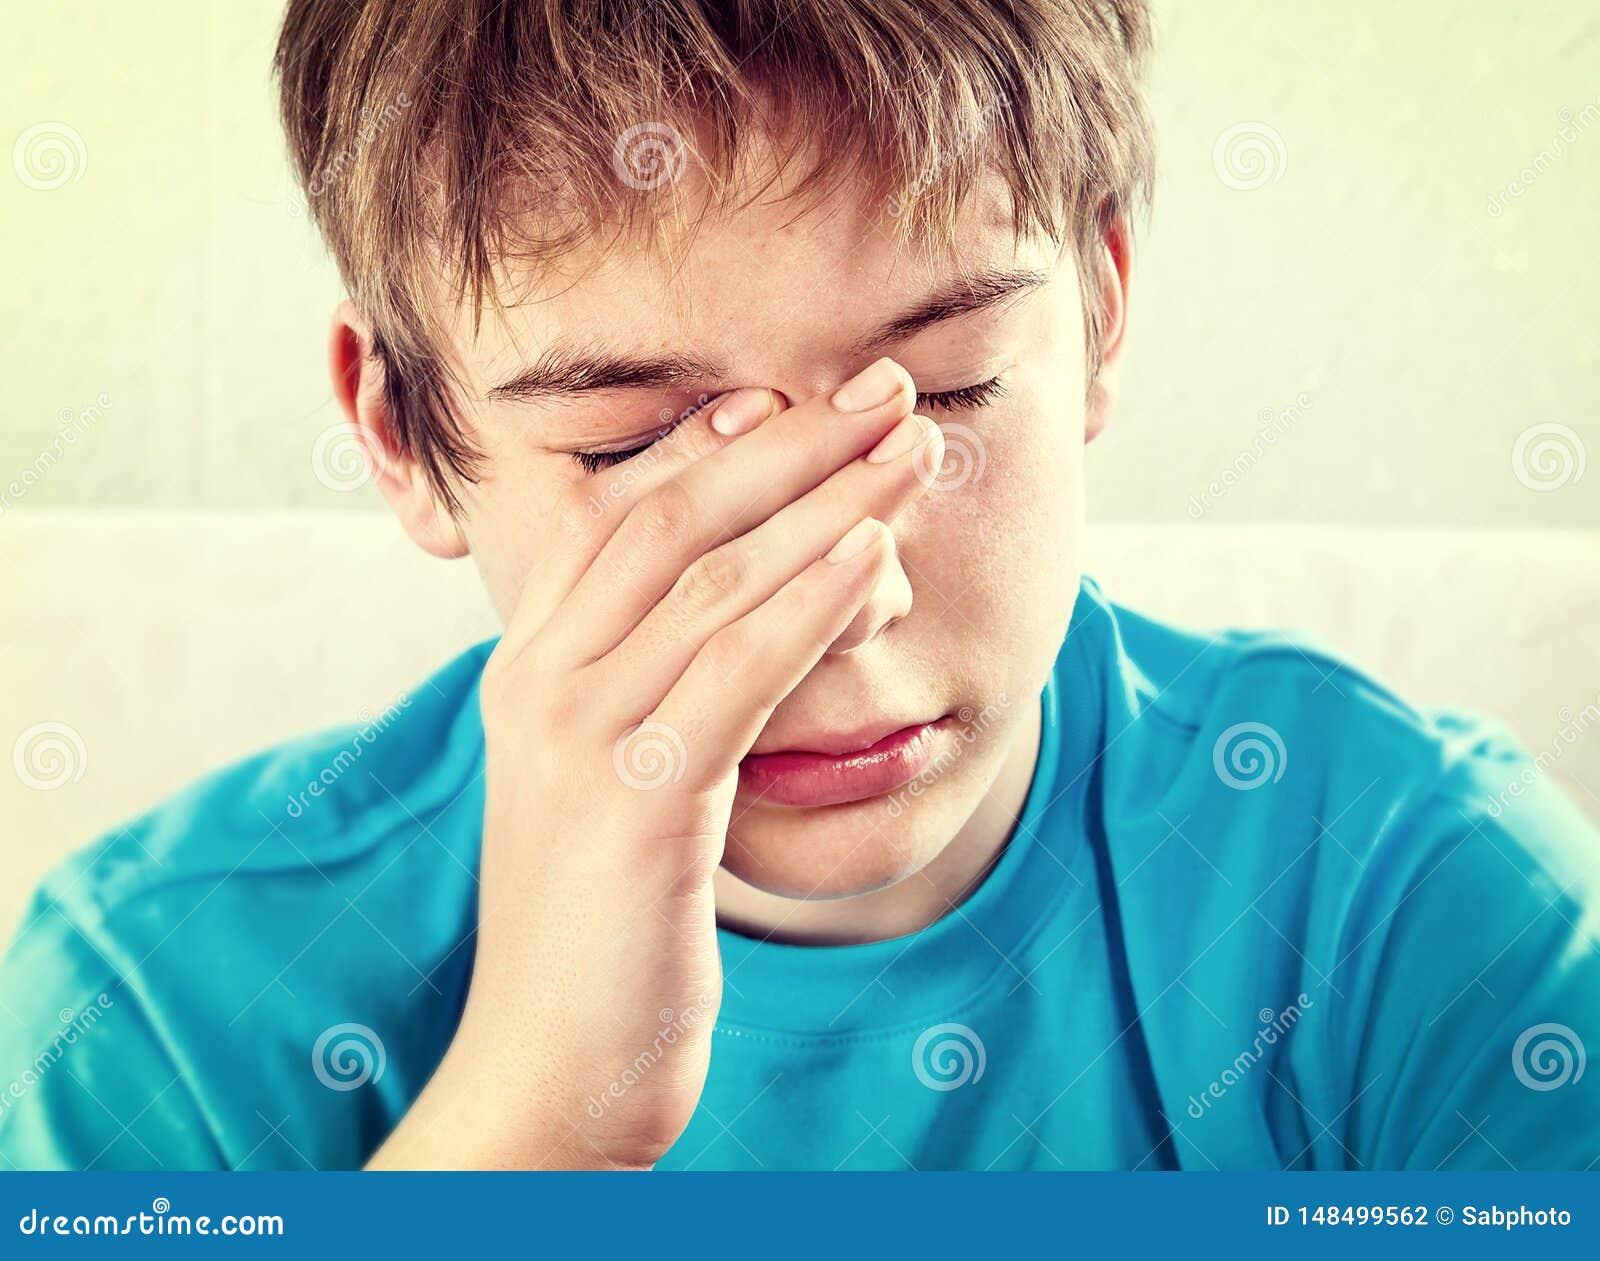 Sad Teenager closeup